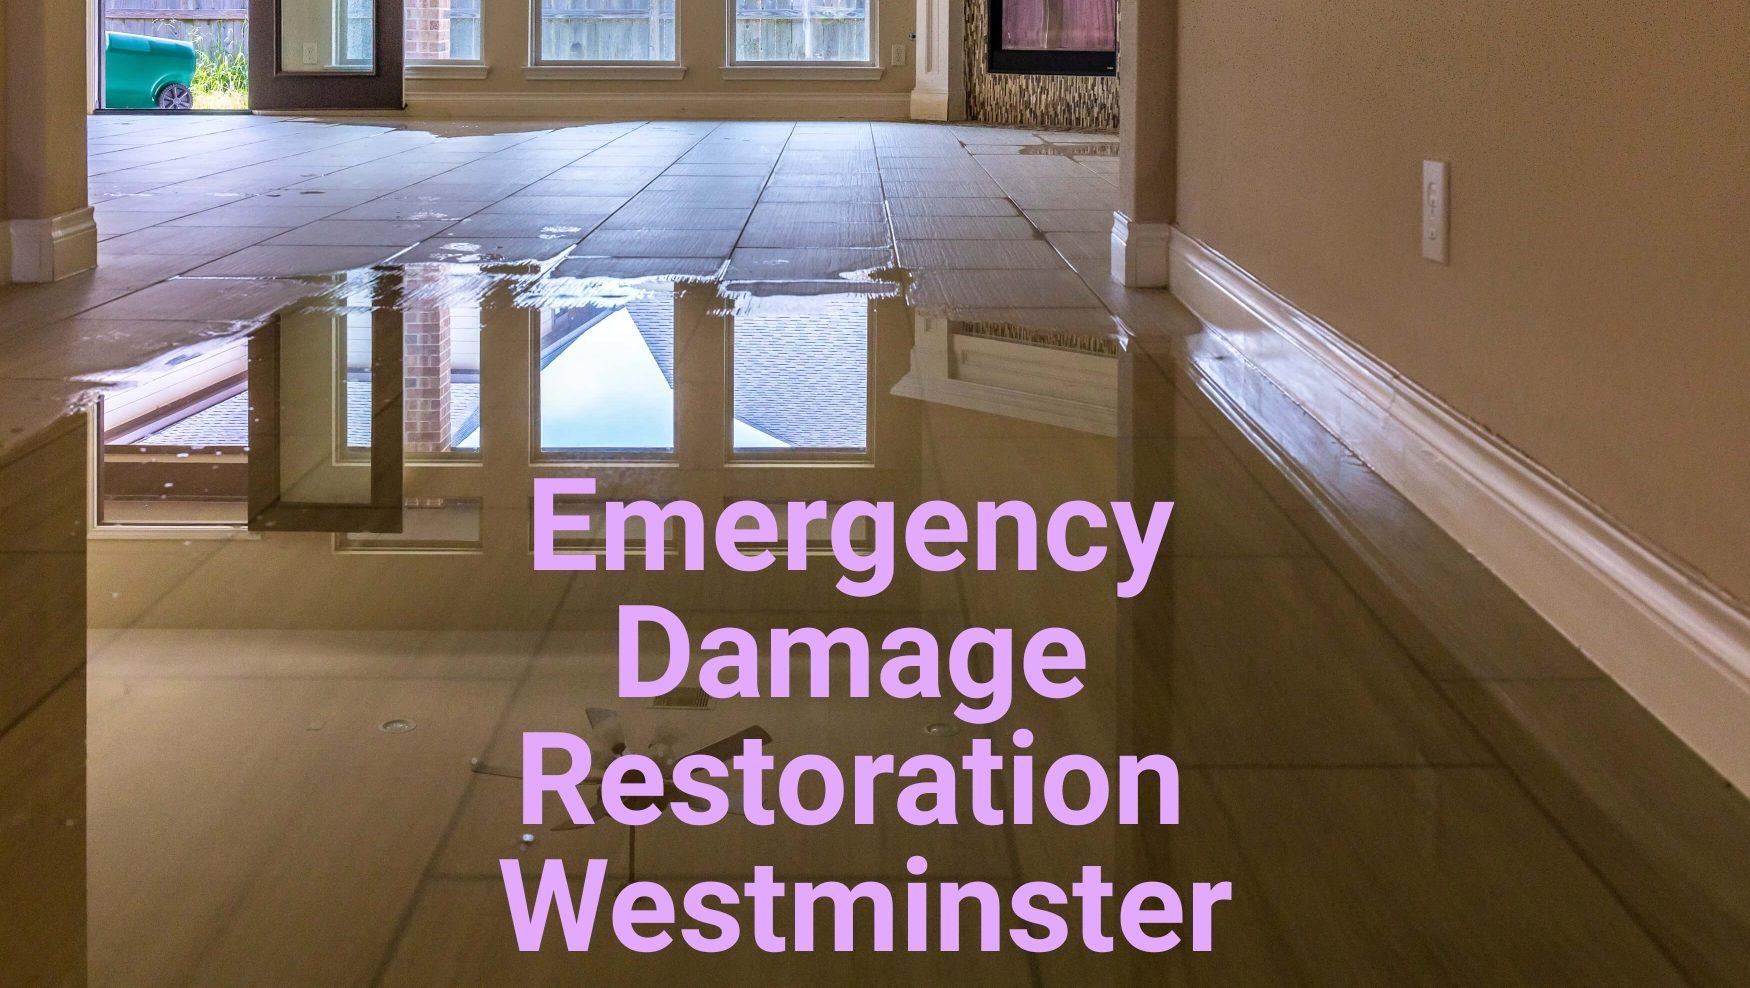 Emergency damage restoration Westminster